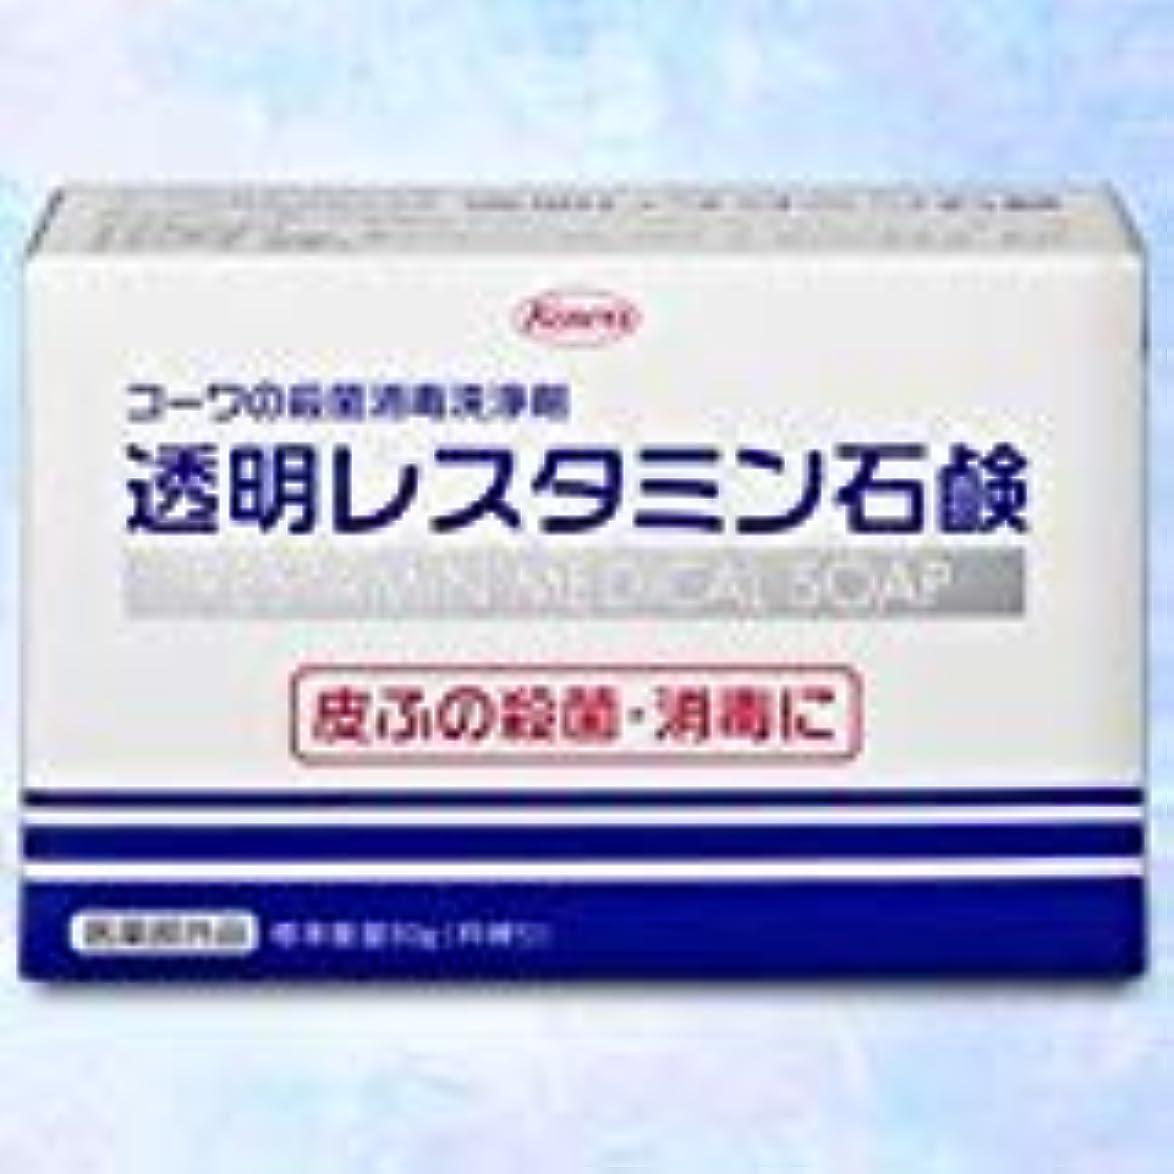 チート関税忙しい【興和】コーワの殺菌消毒洗浄剤「透明レスタミン石鹸」80g(医薬部外品) ×5個セット